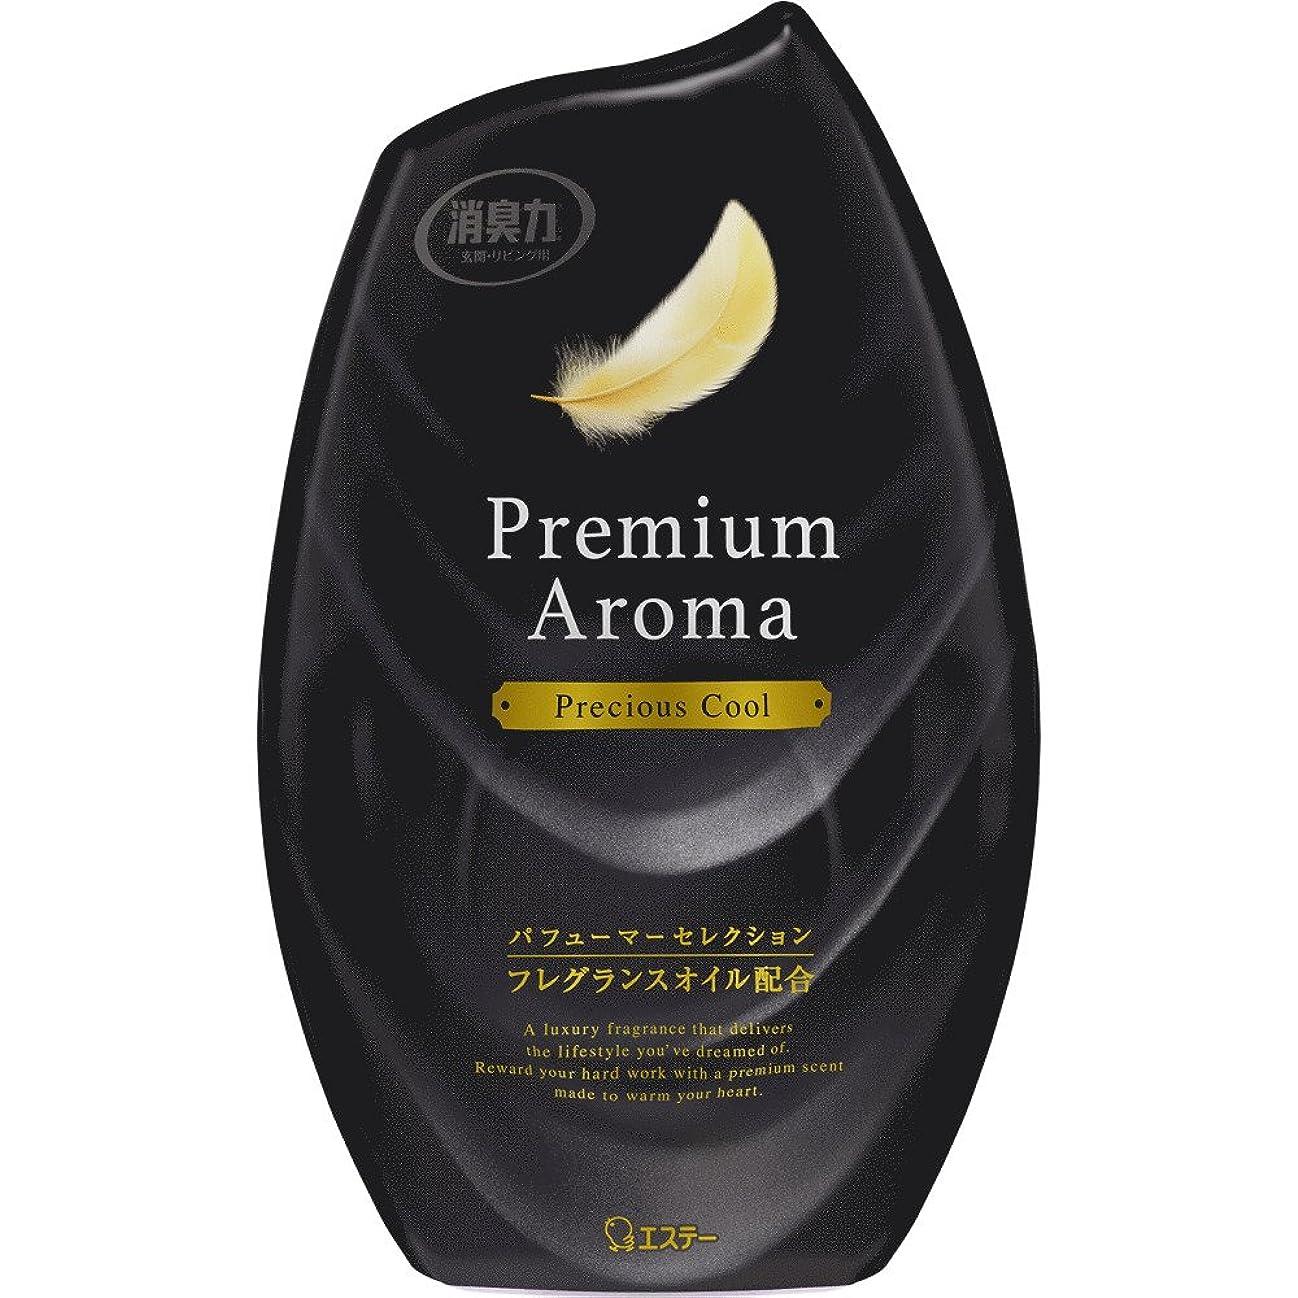 ベアリングサークル敬意を表してワイドお部屋の消臭力 プレミアムアロマ Premium Aroma 消臭芳香剤 部屋用 部屋 プレシャスクールの香り 400ml